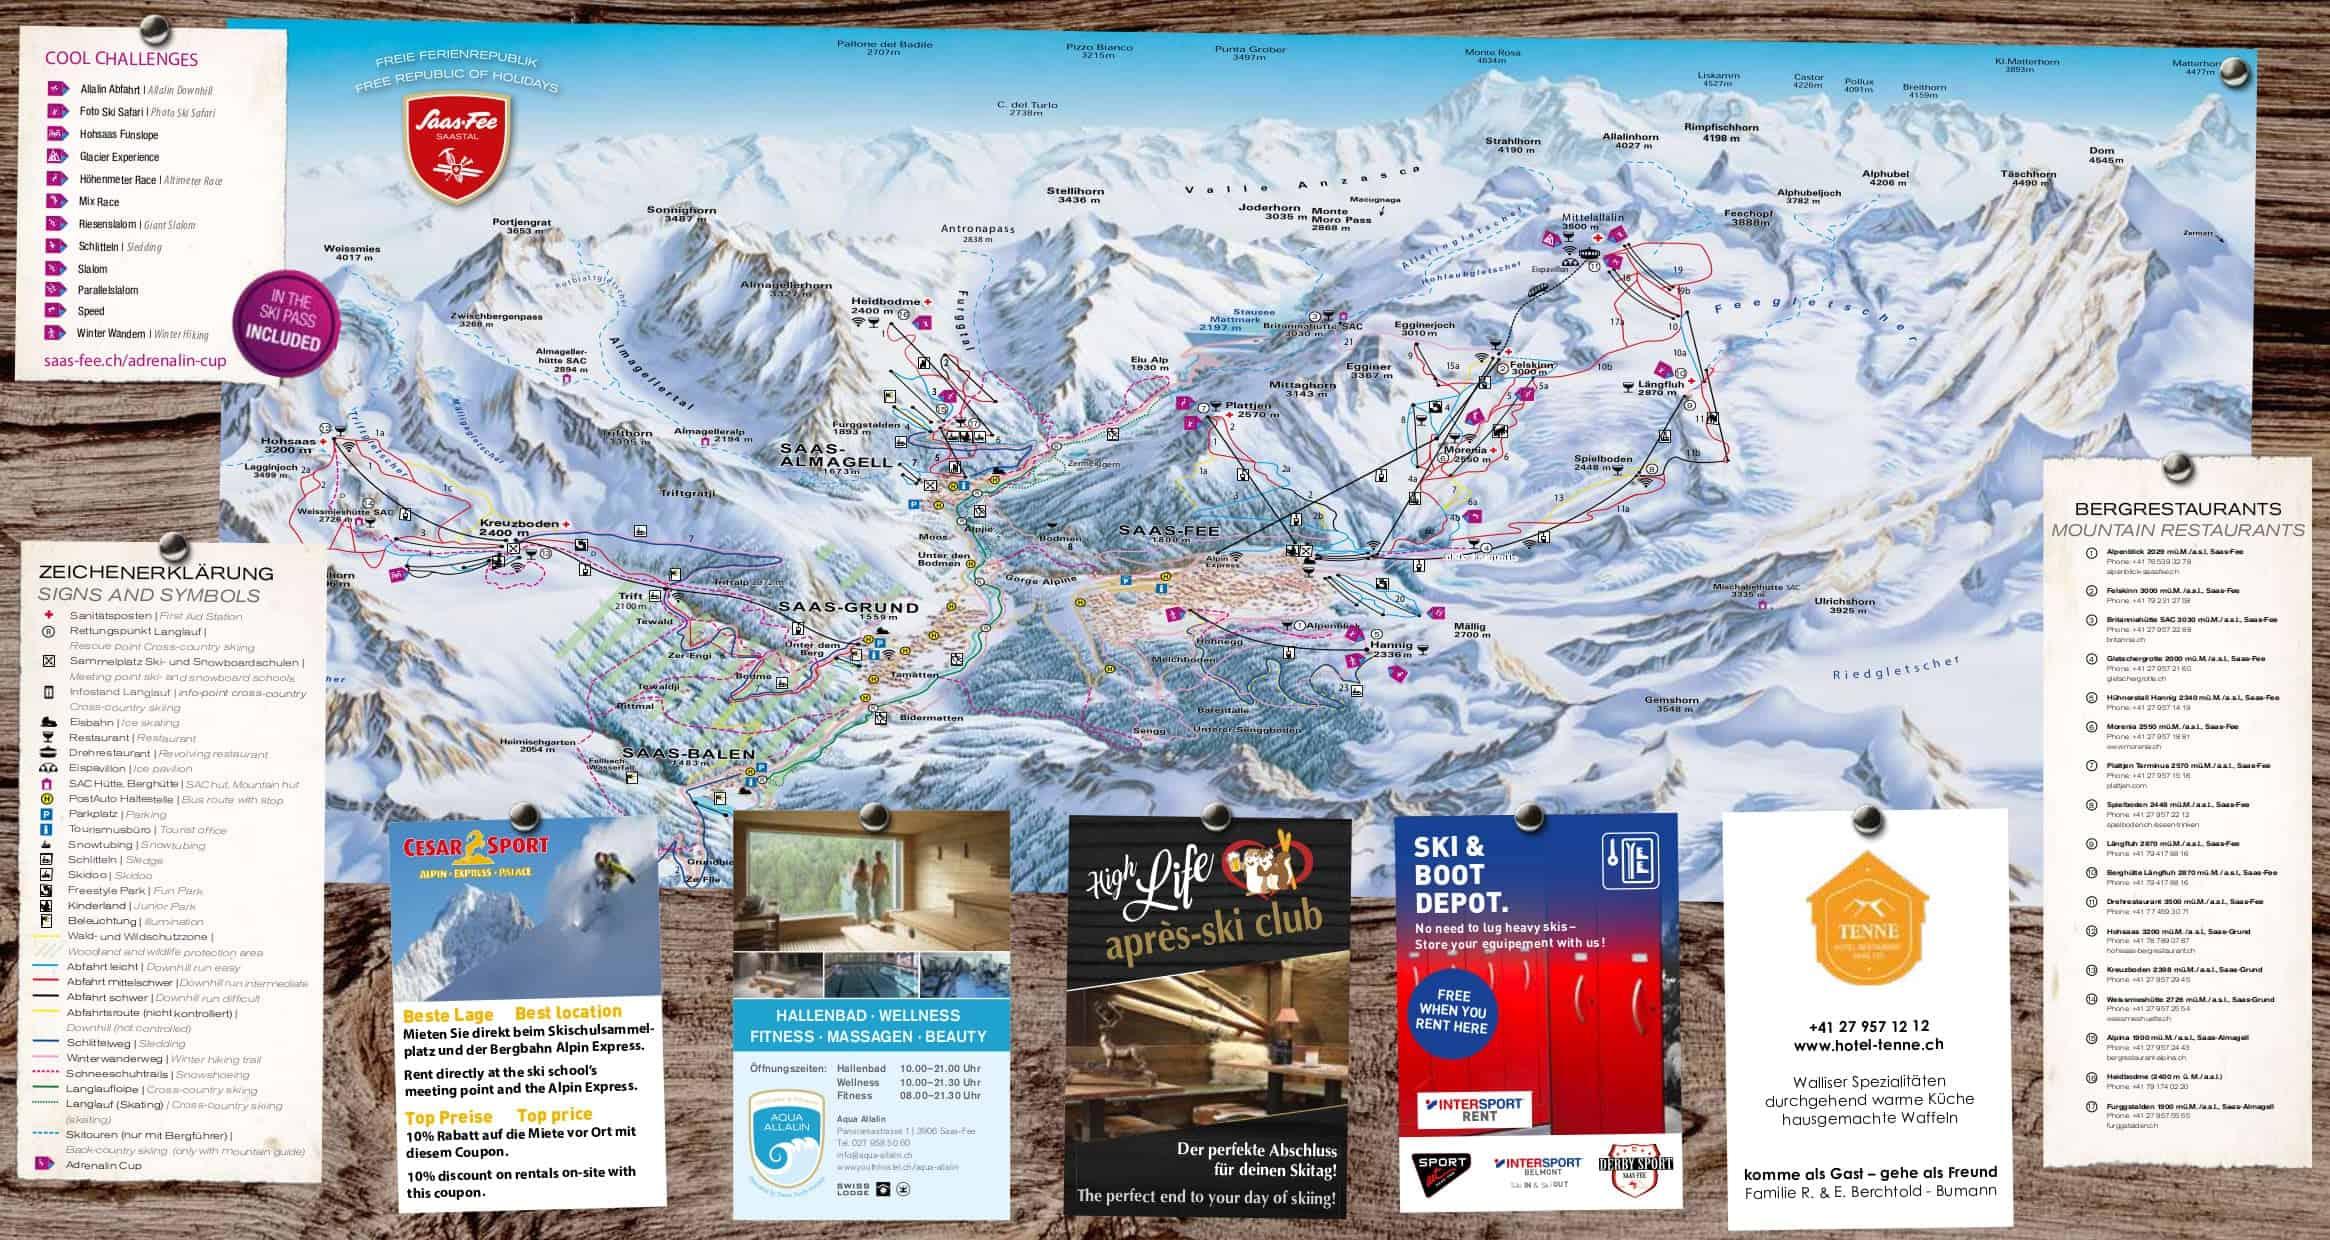 Saas Fee Piste Map JPG